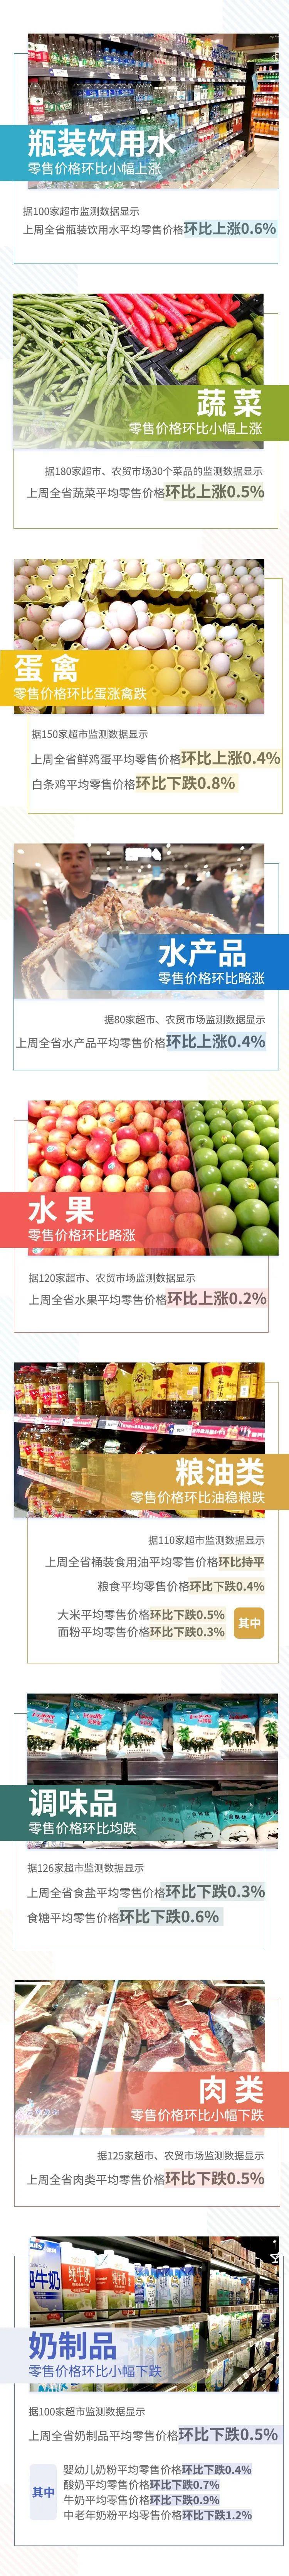 5涨1平6跌!上周云南省生活必需品零售价格情况来了